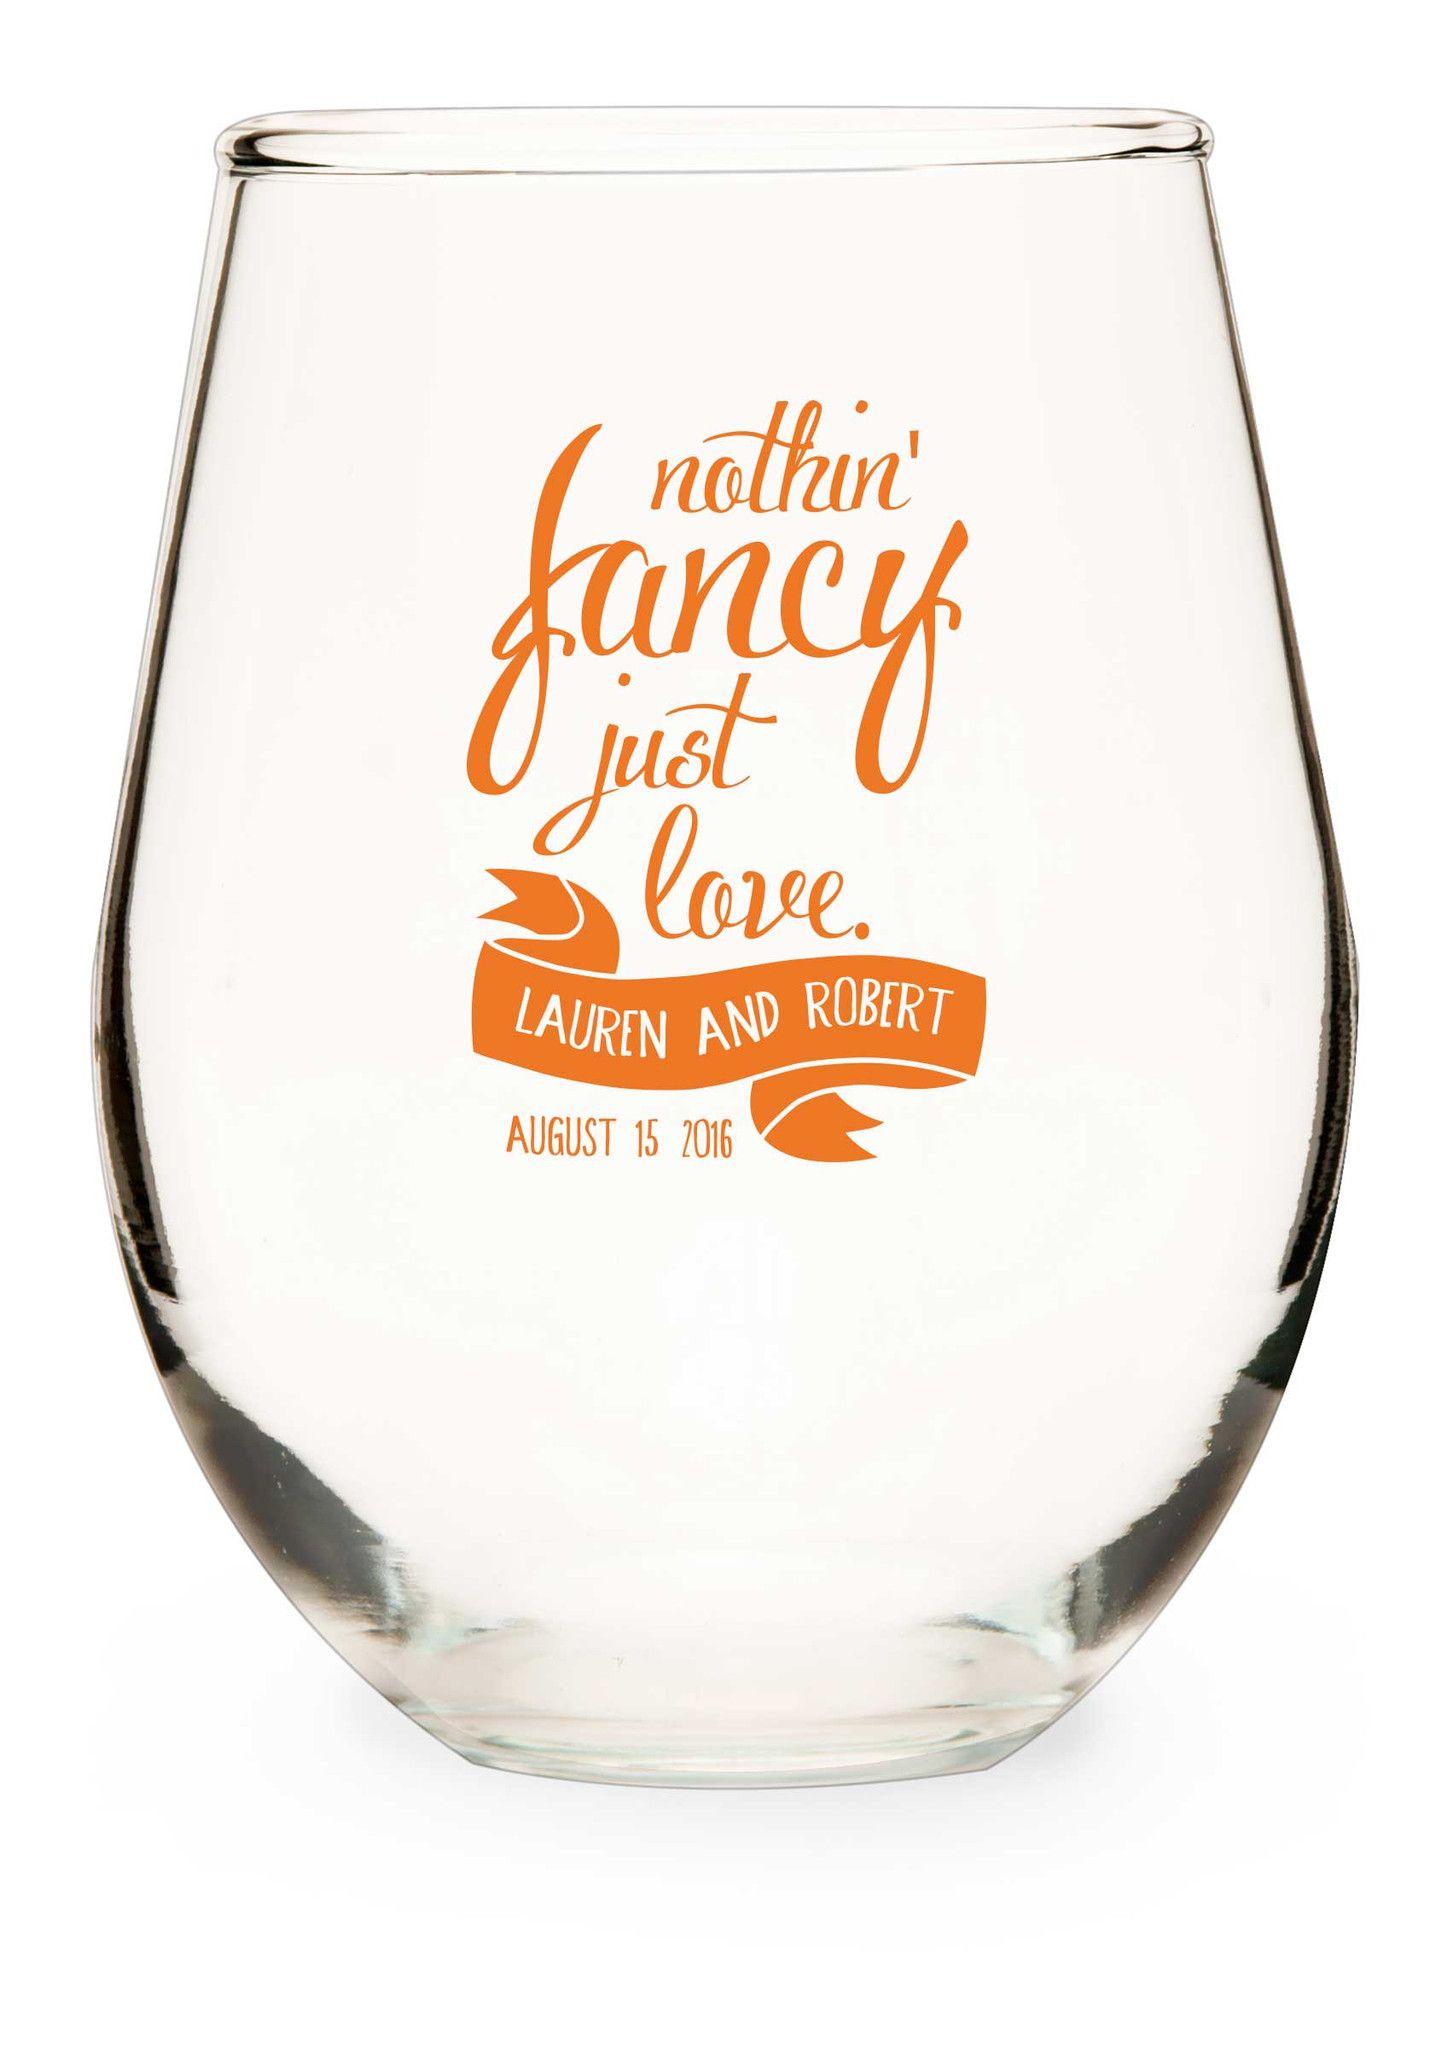 wedding wine glass,personalized wedding wine glass, wedding ...